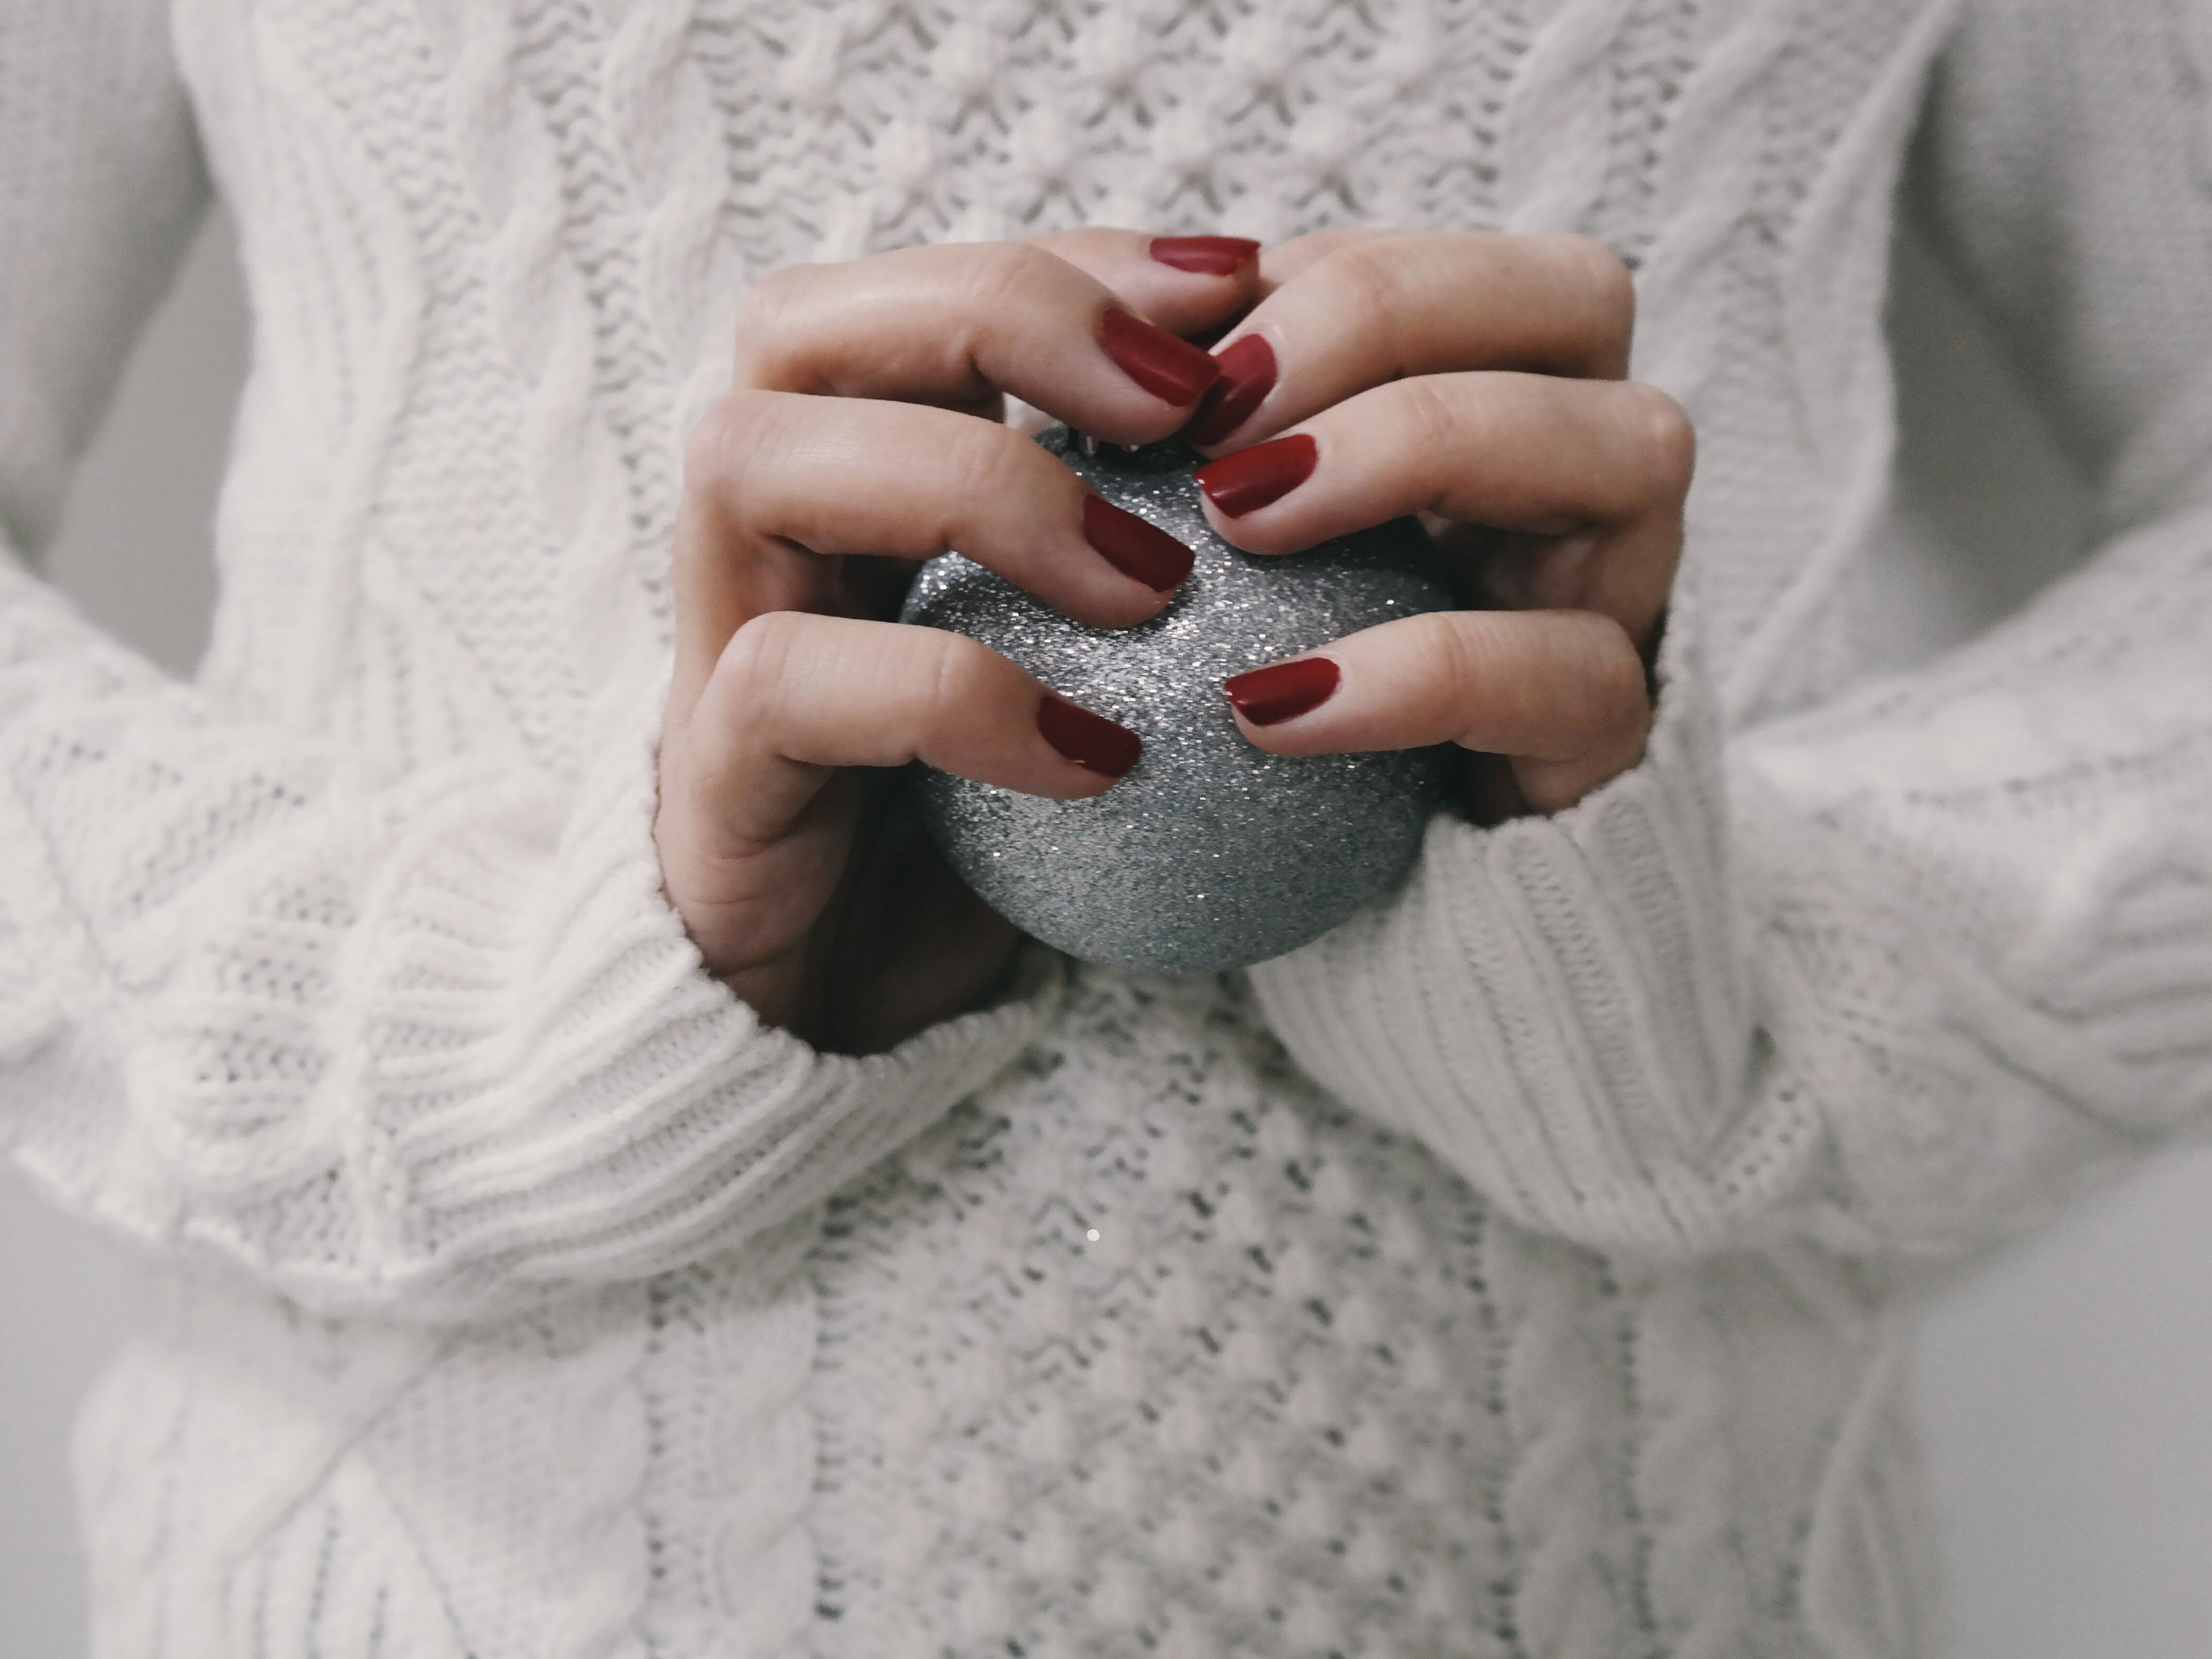 Fotos gratis : mano, patrón, dedo, ropa, tejer, tejido de punto, art ...